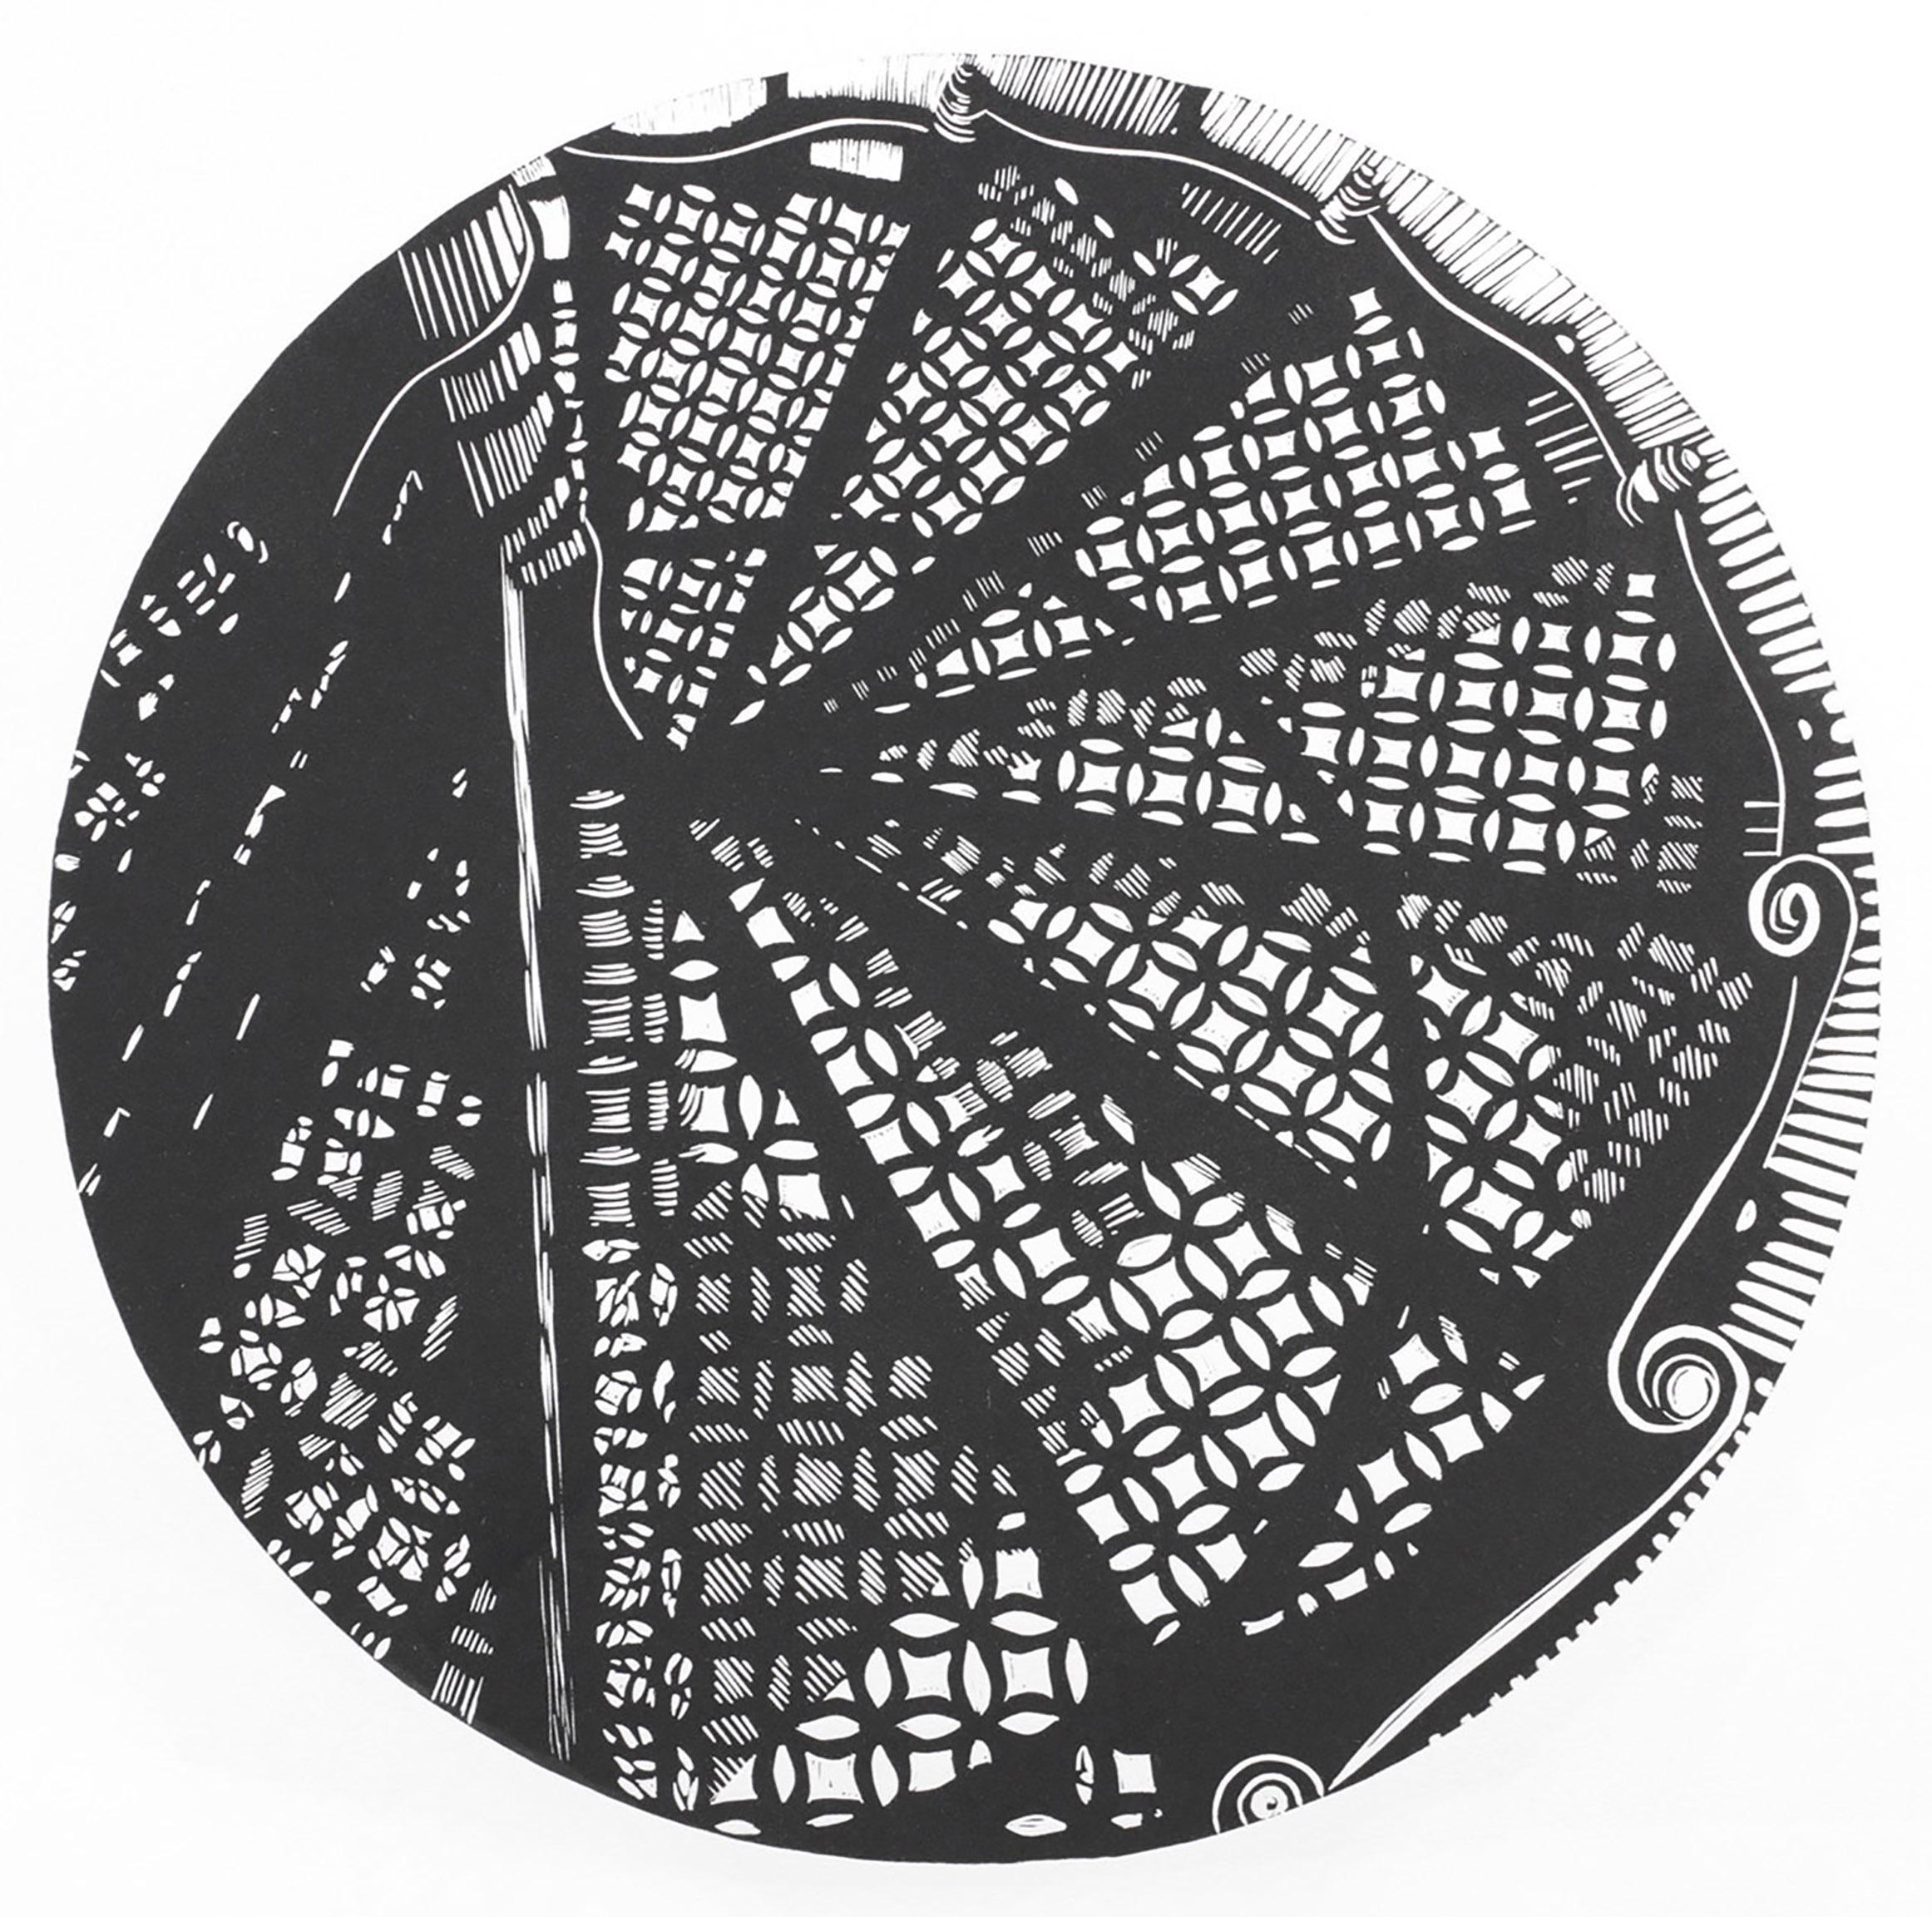 Linocuts - Spirals